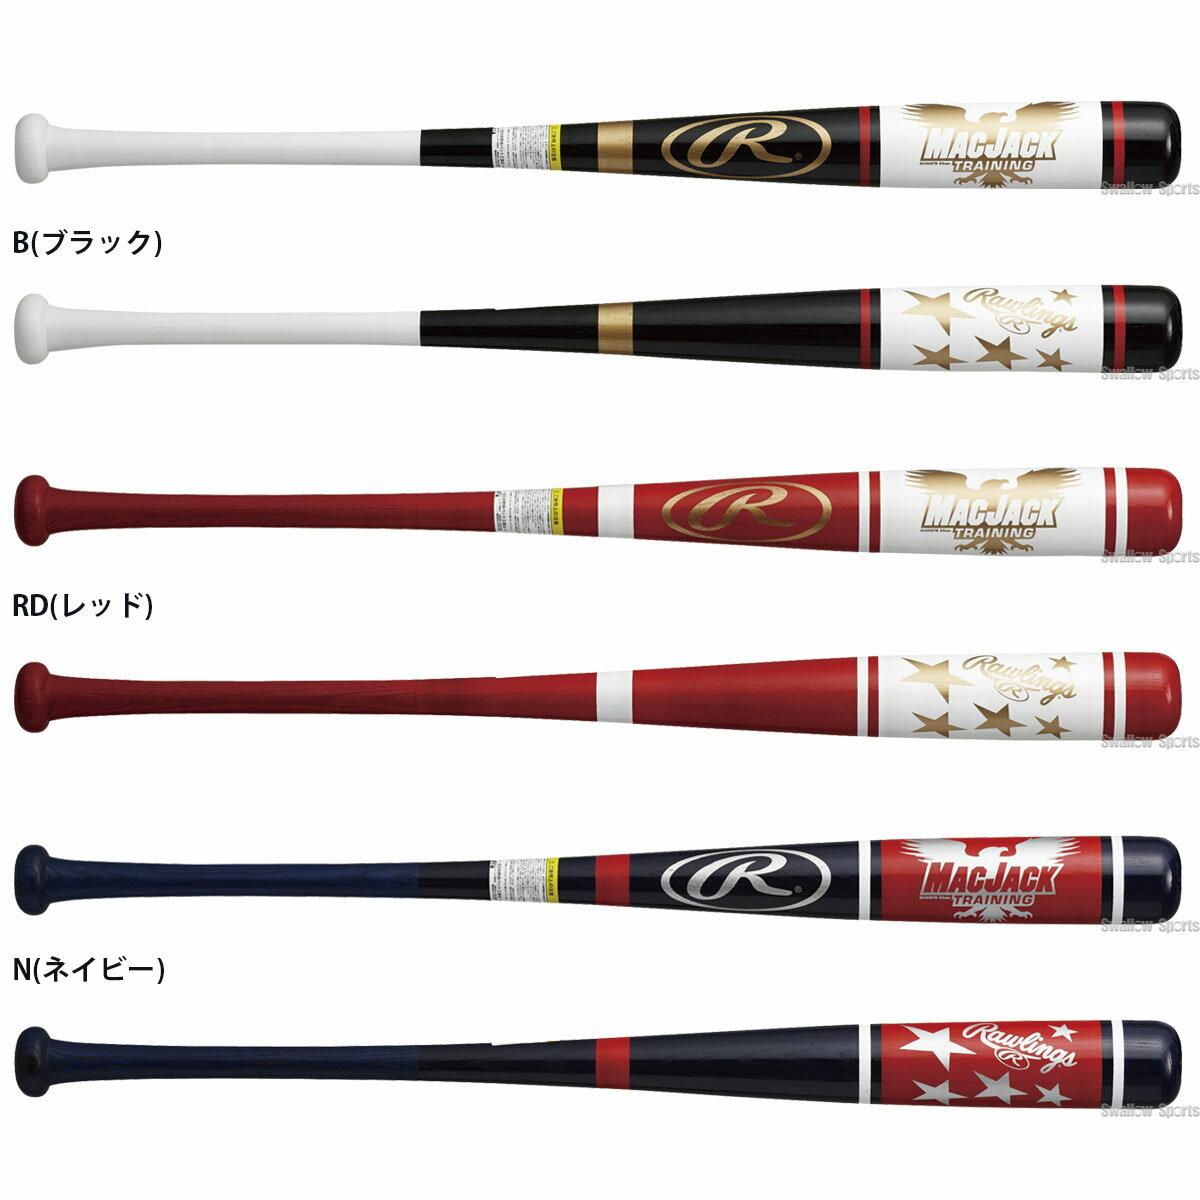 【あす楽対応】 ローリングス トレーニング バット MAC JACK 木製 (トレーニング JAPAN) 実打可能 BHW8TB トレーニングバット 野球用品 スワロースポーツ